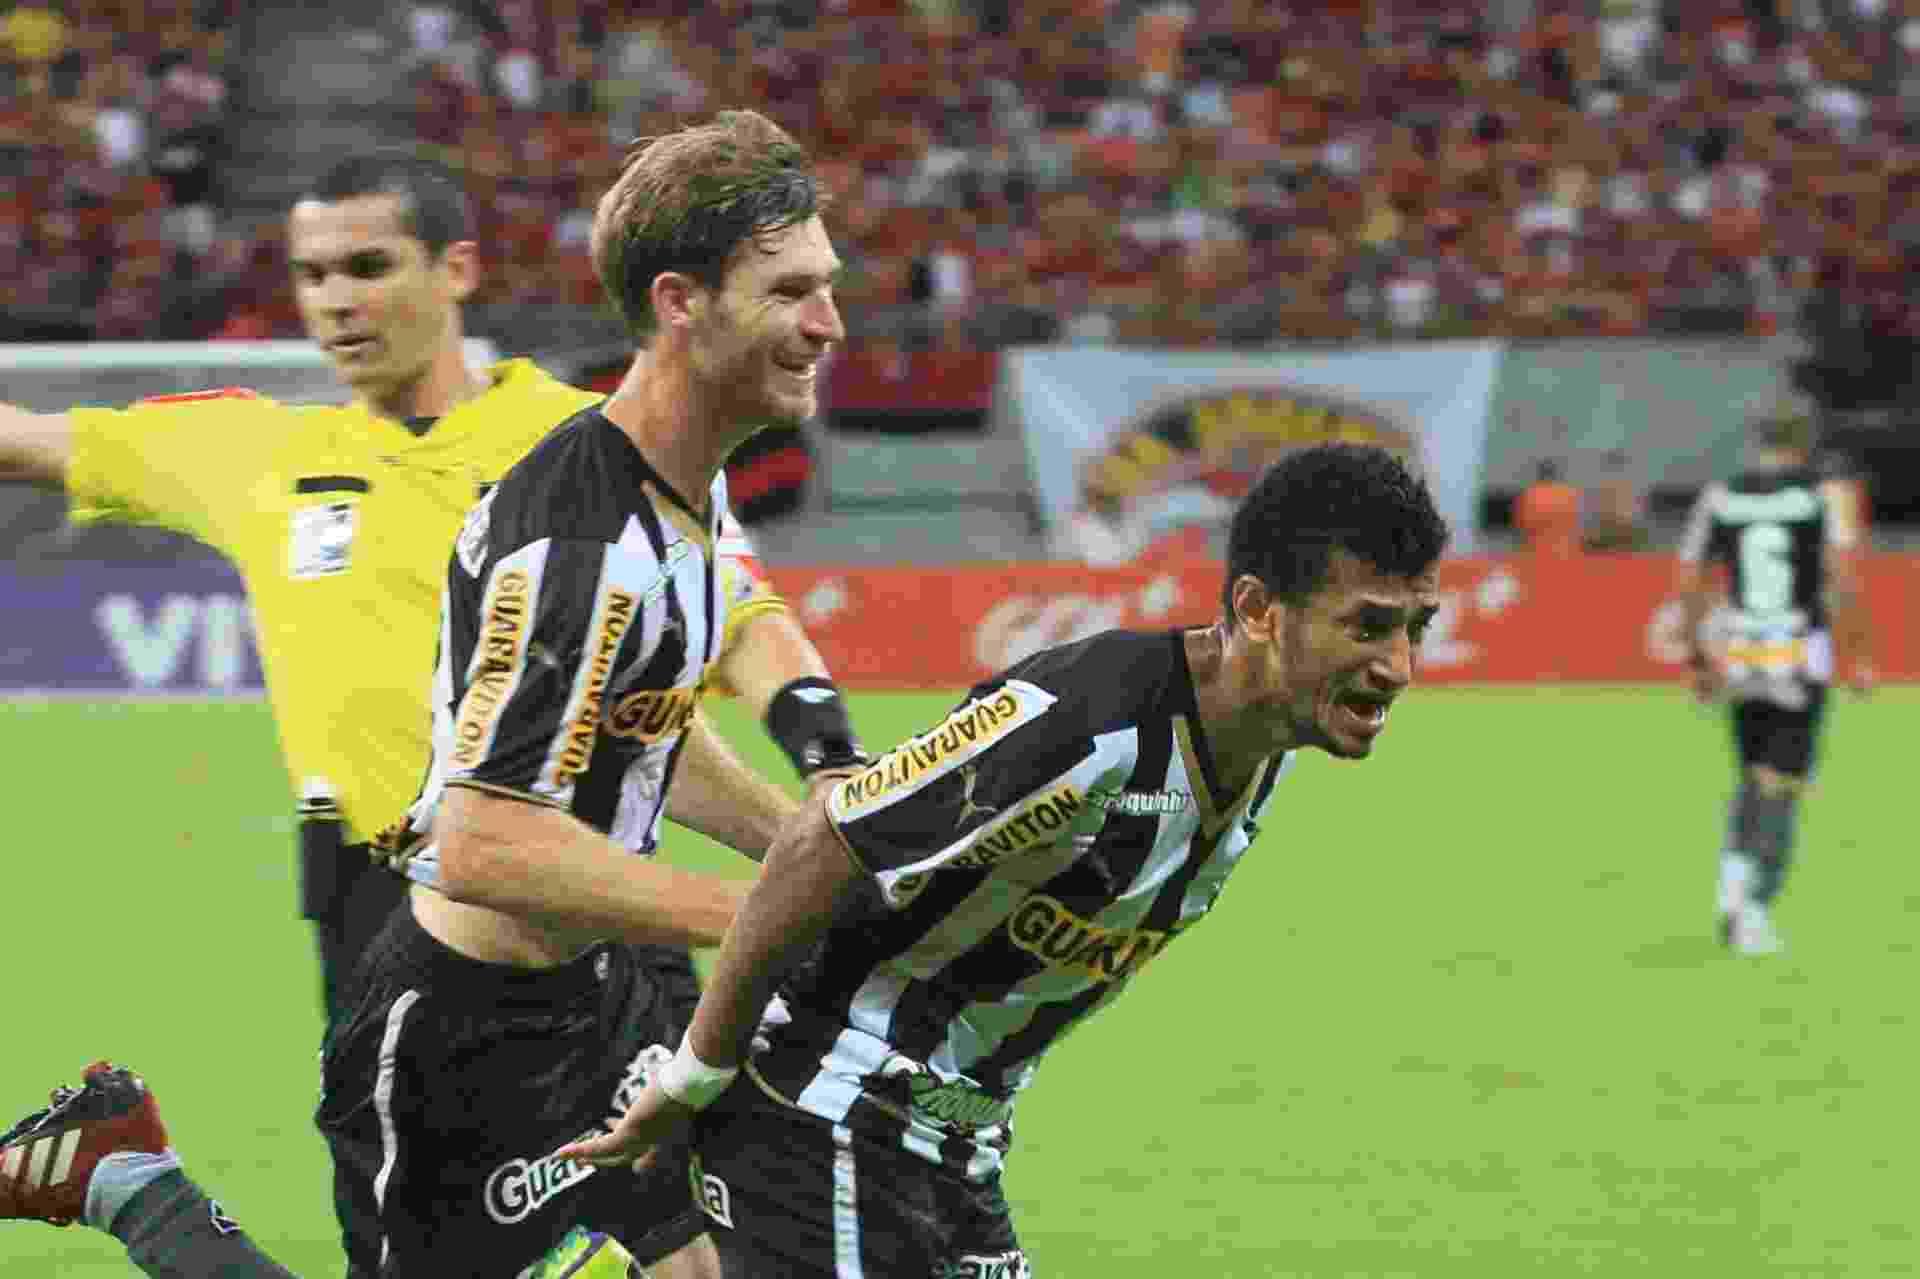 Rogério comemora gol pelo Botafogo contra o Flamengo - DANILO MELLO/FOTO AMAZONAS/ESTADÃO CONTEÚDO